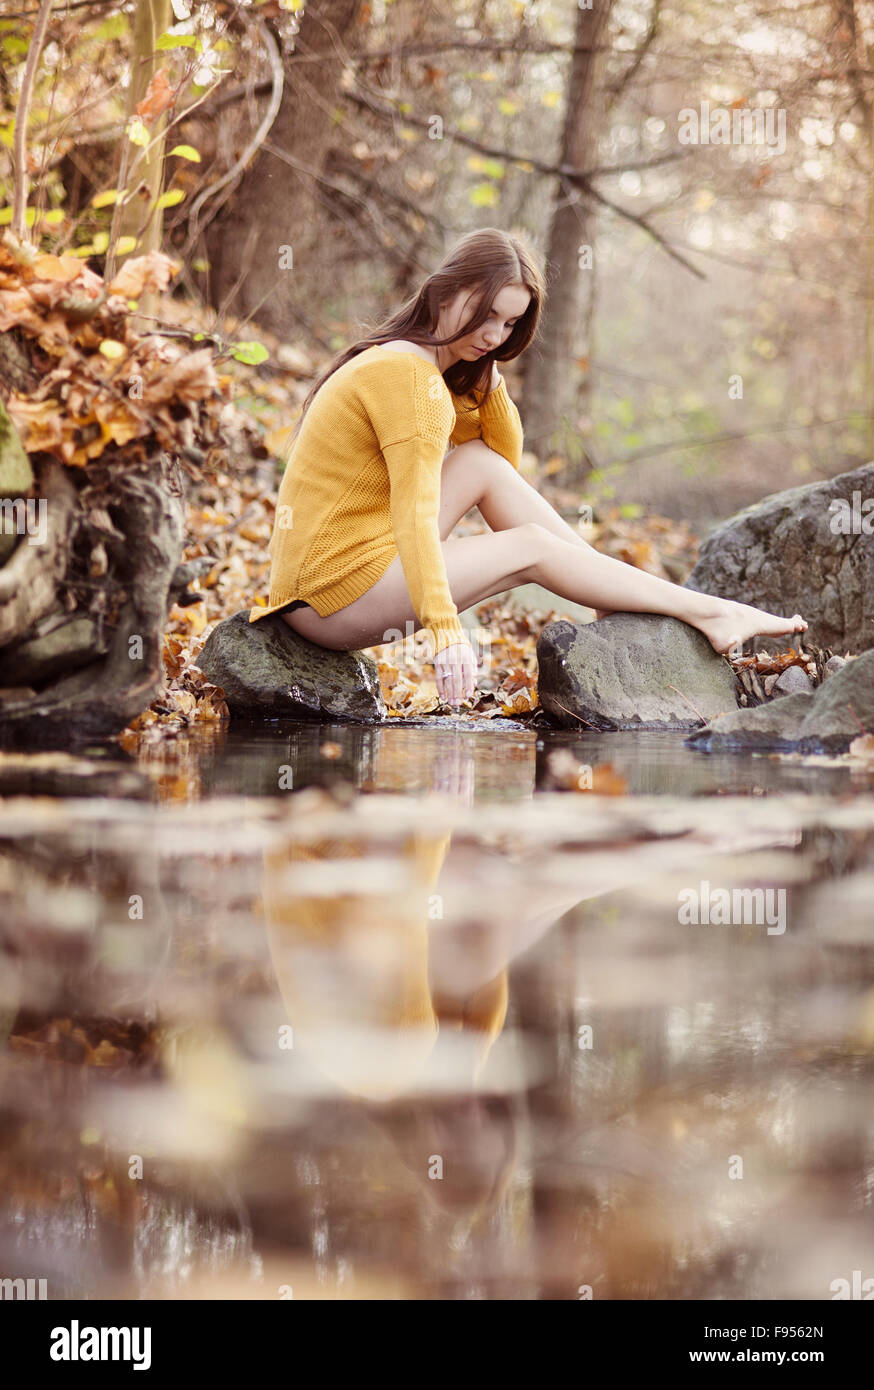 Outdoor-Porträt von schönen Mädchen im herbstlichen Wald Stockbild